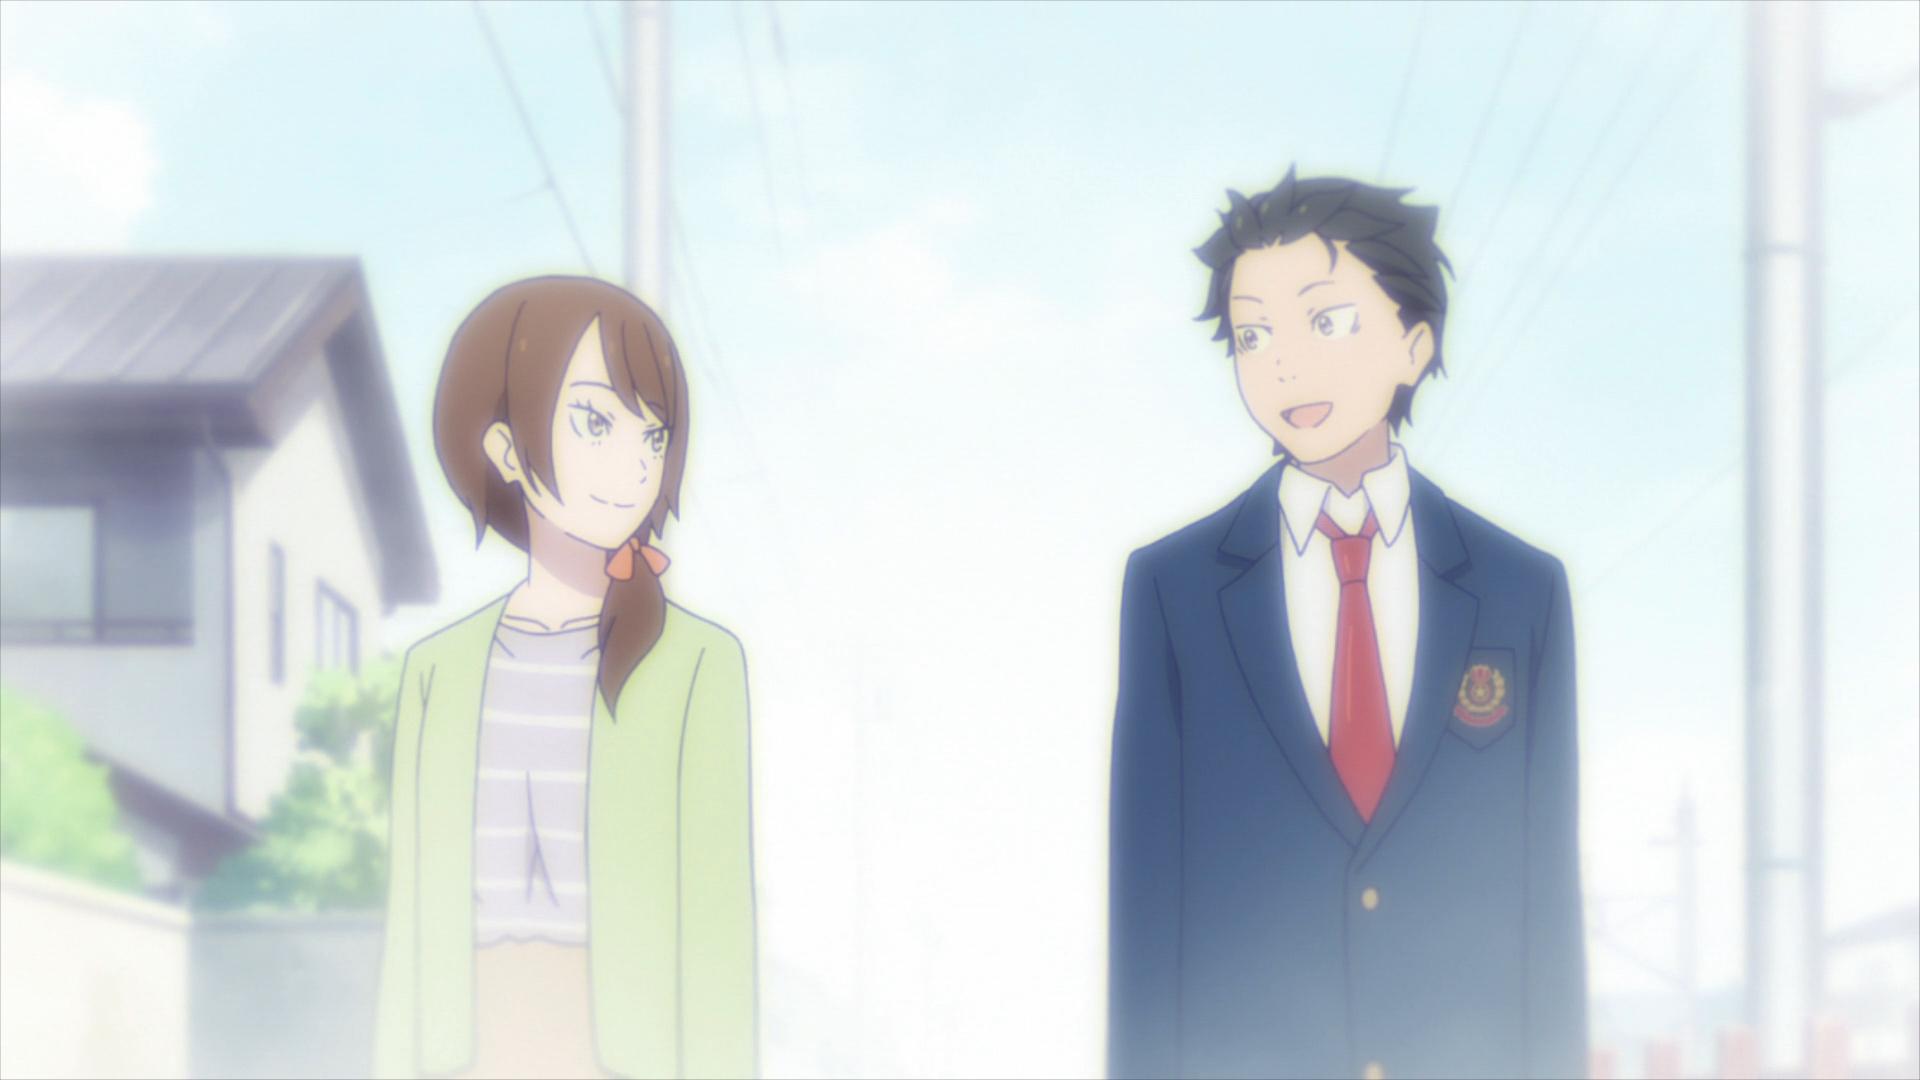 Natsuki Naoko and Subaru ReZero